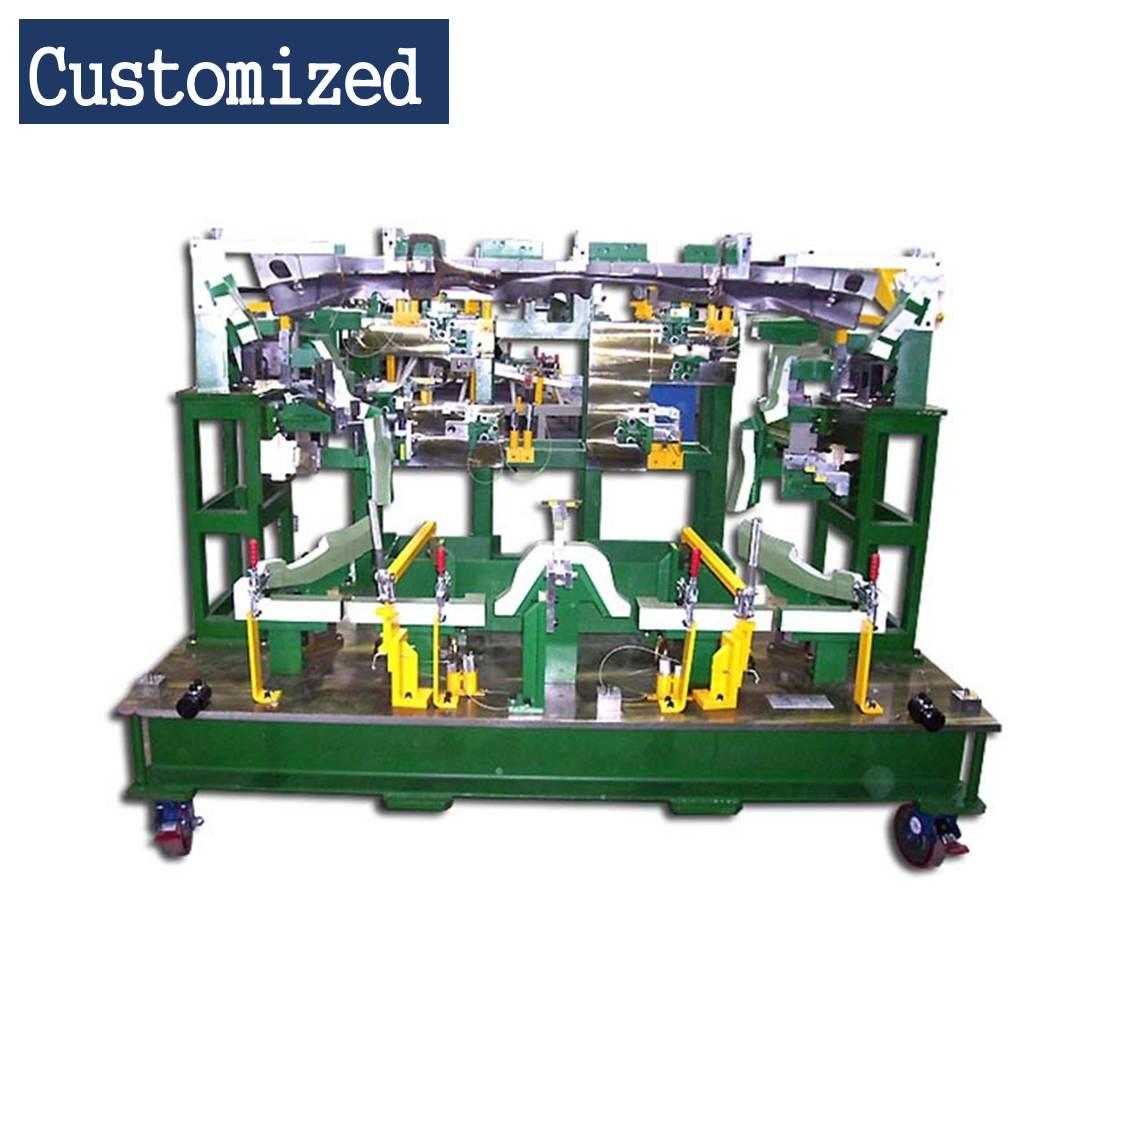 Radiatori In Alluminio O Acciaio radiatori acciaio o alluminio all'ingrosso-acquista online i